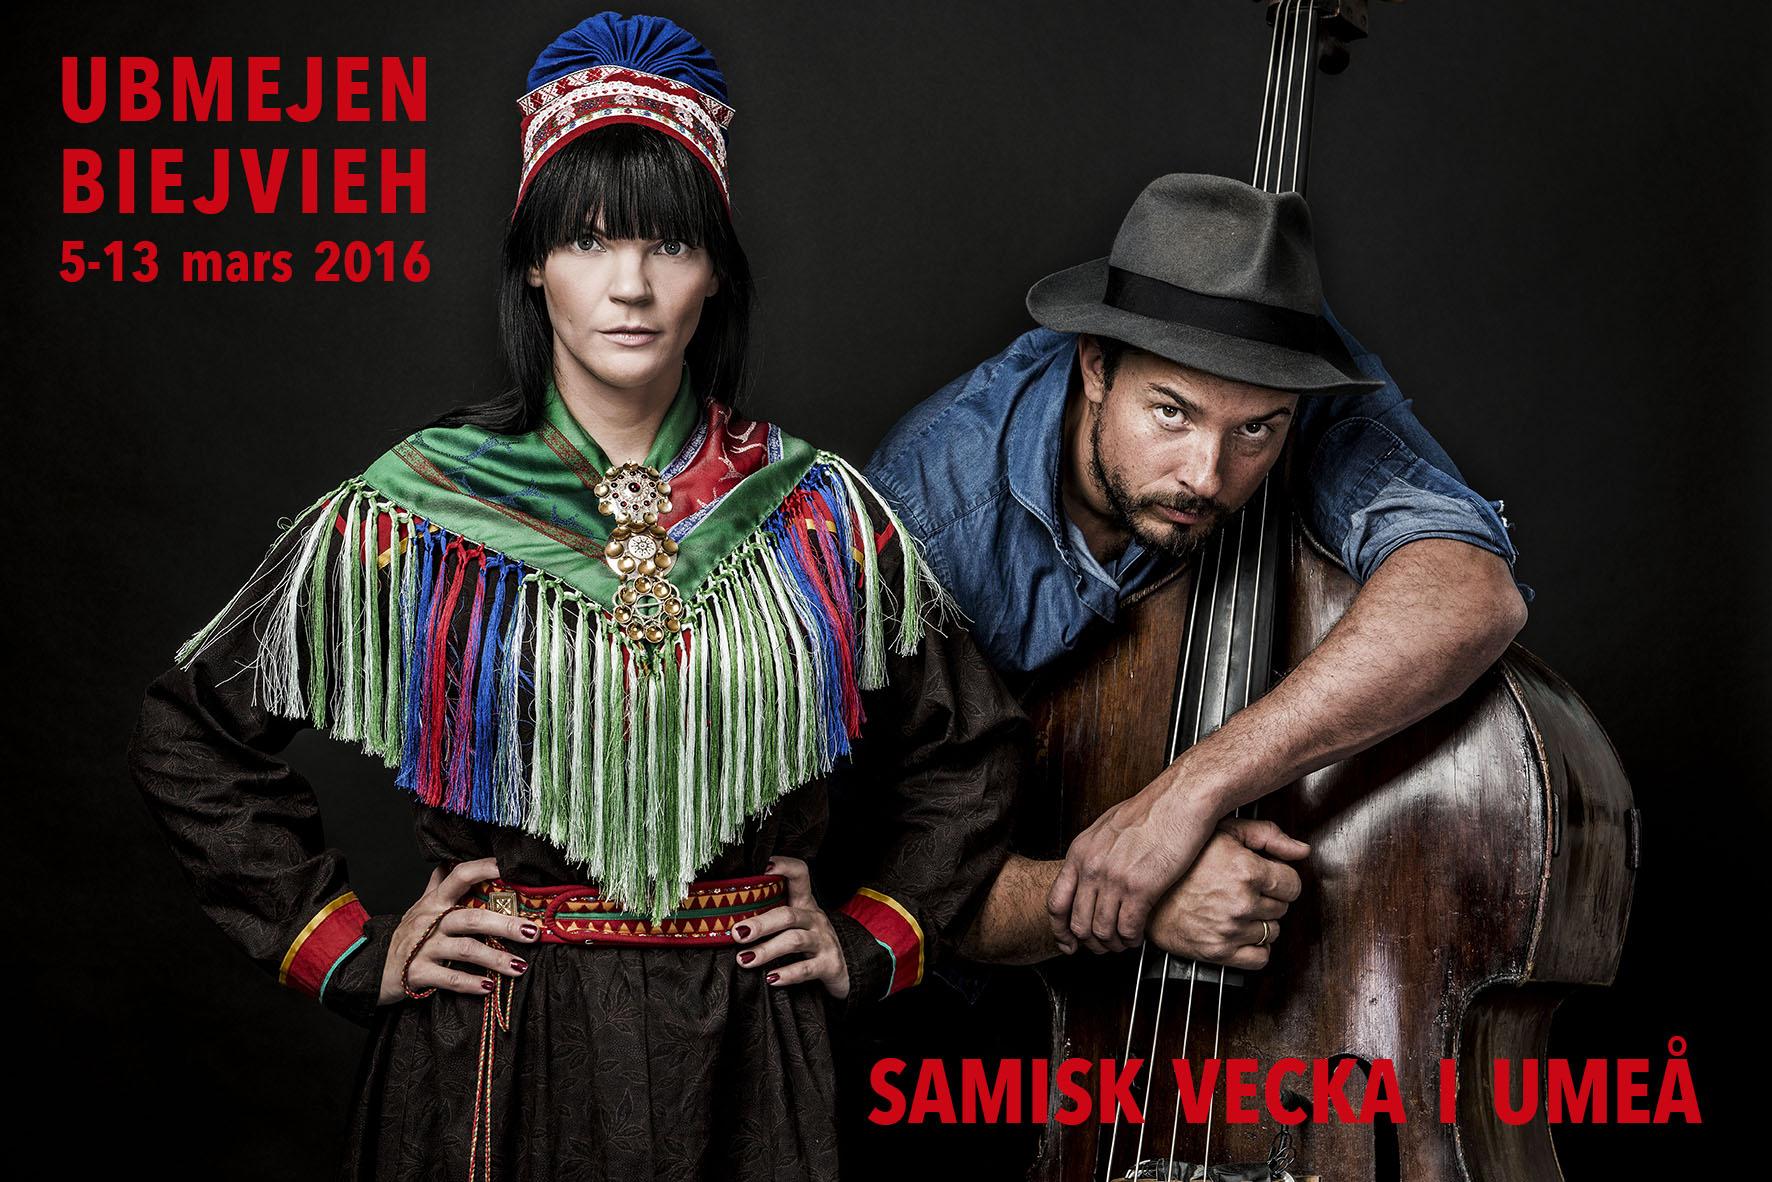 UBMEJEN BIEJVIEH 2016    –   Samiska veckan i Umeå 5-13 mars